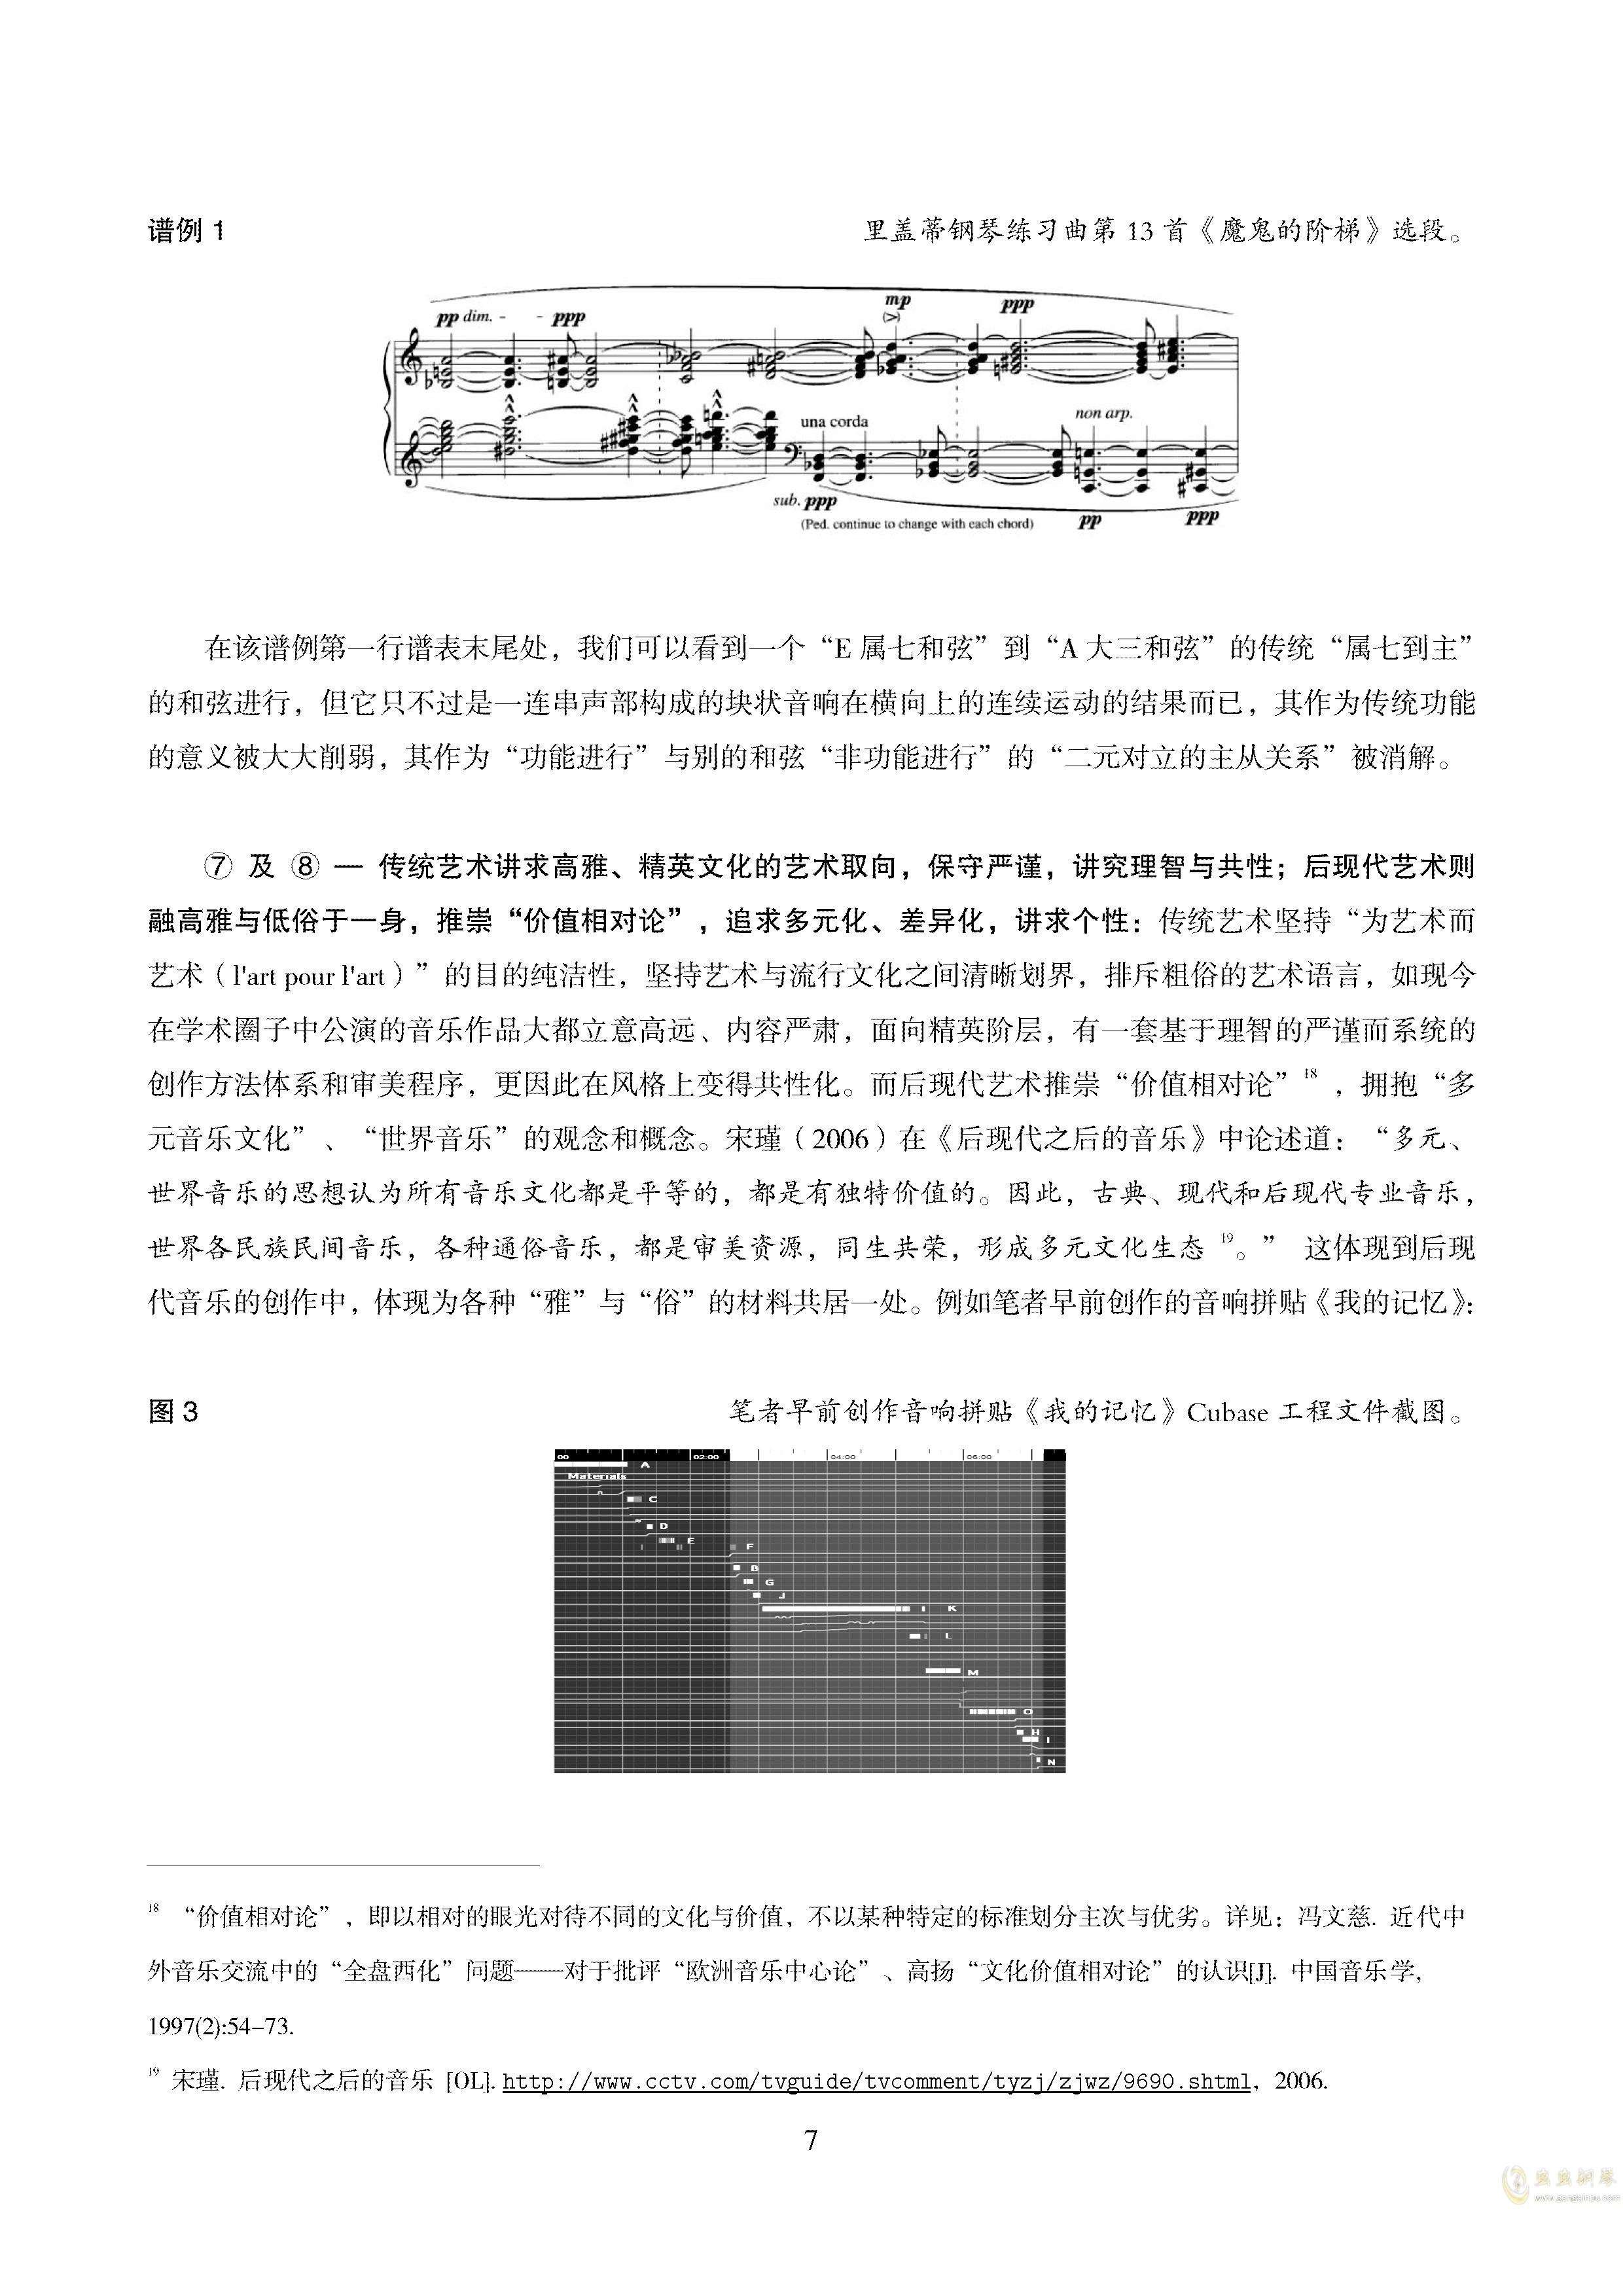 曲谱论文_论文格式